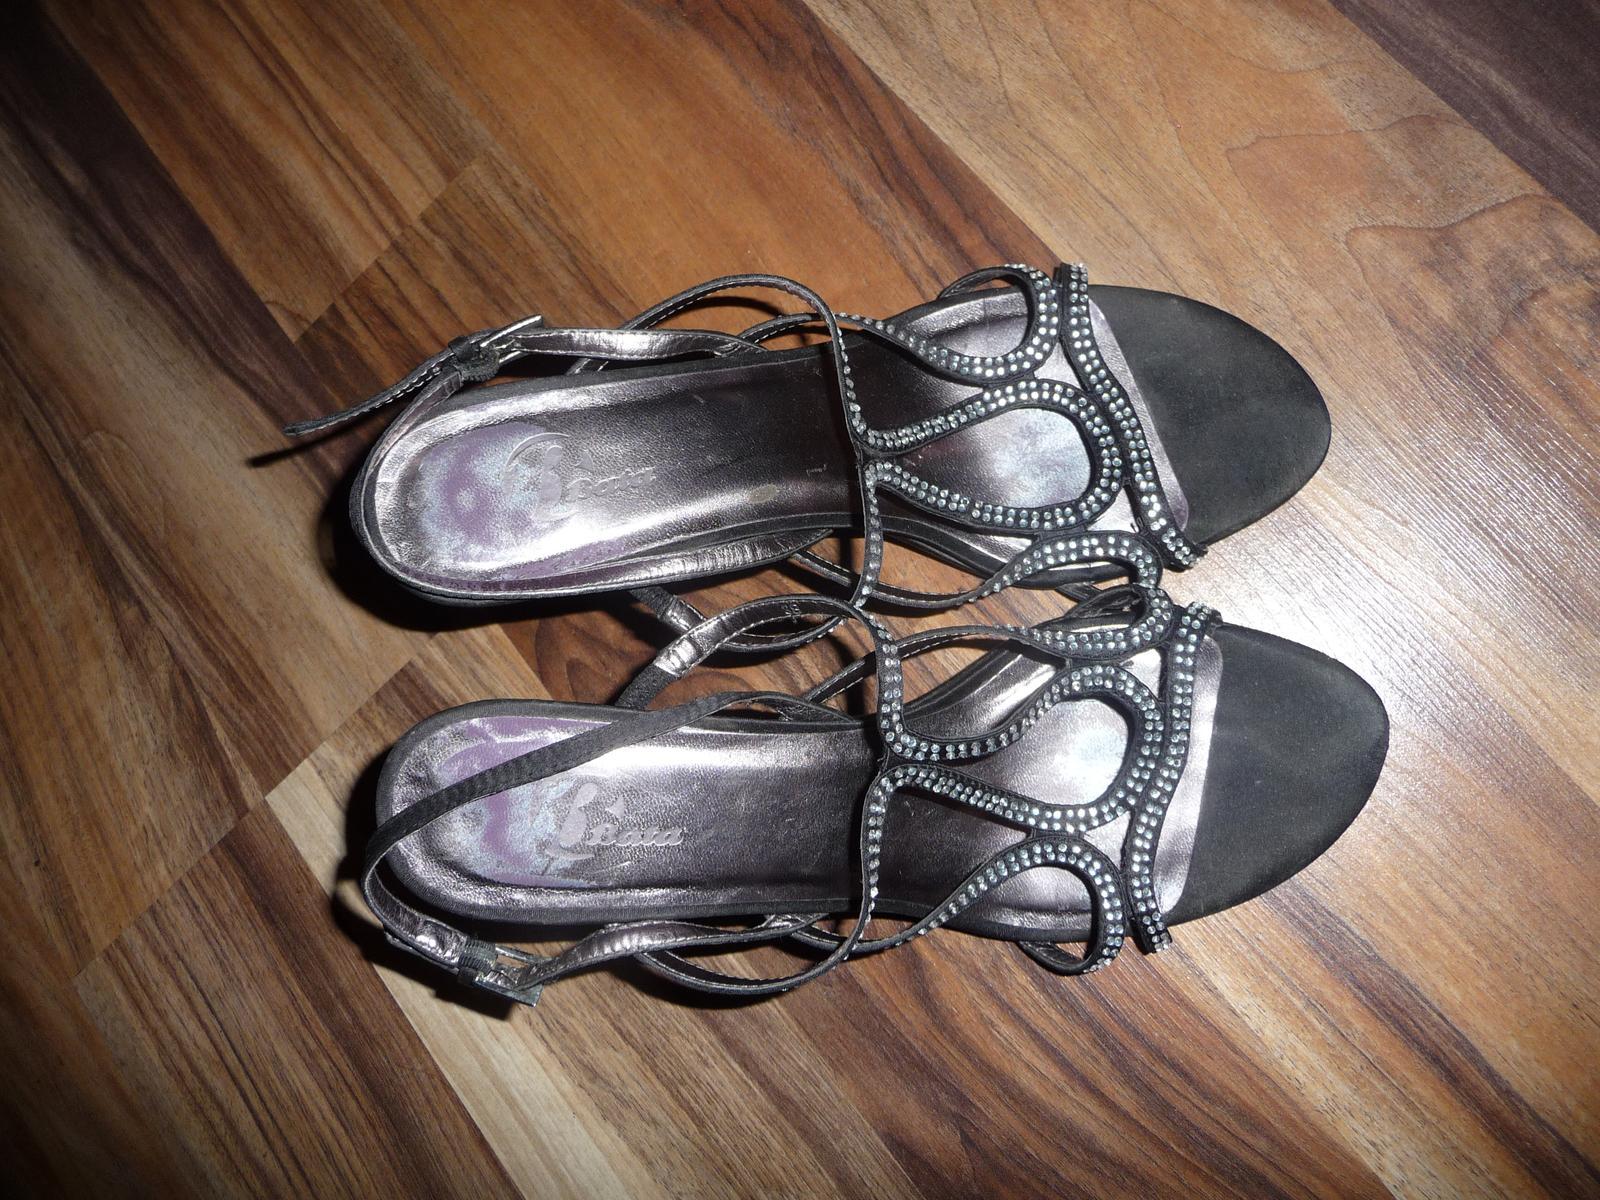 sandalky s kamienkami - Obrázok č. 1